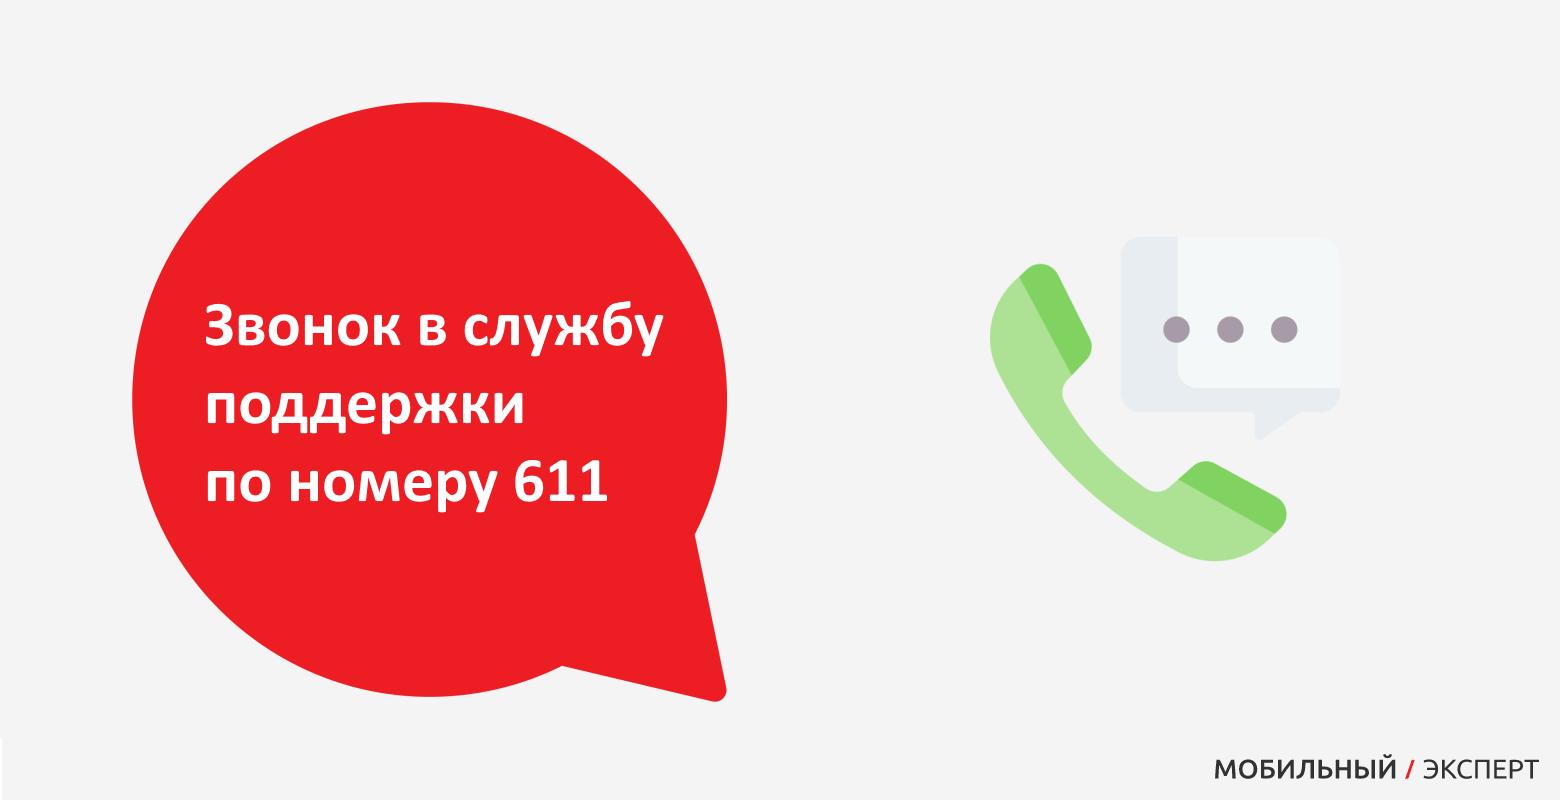 Звонок в службу поддержки по номеру 611